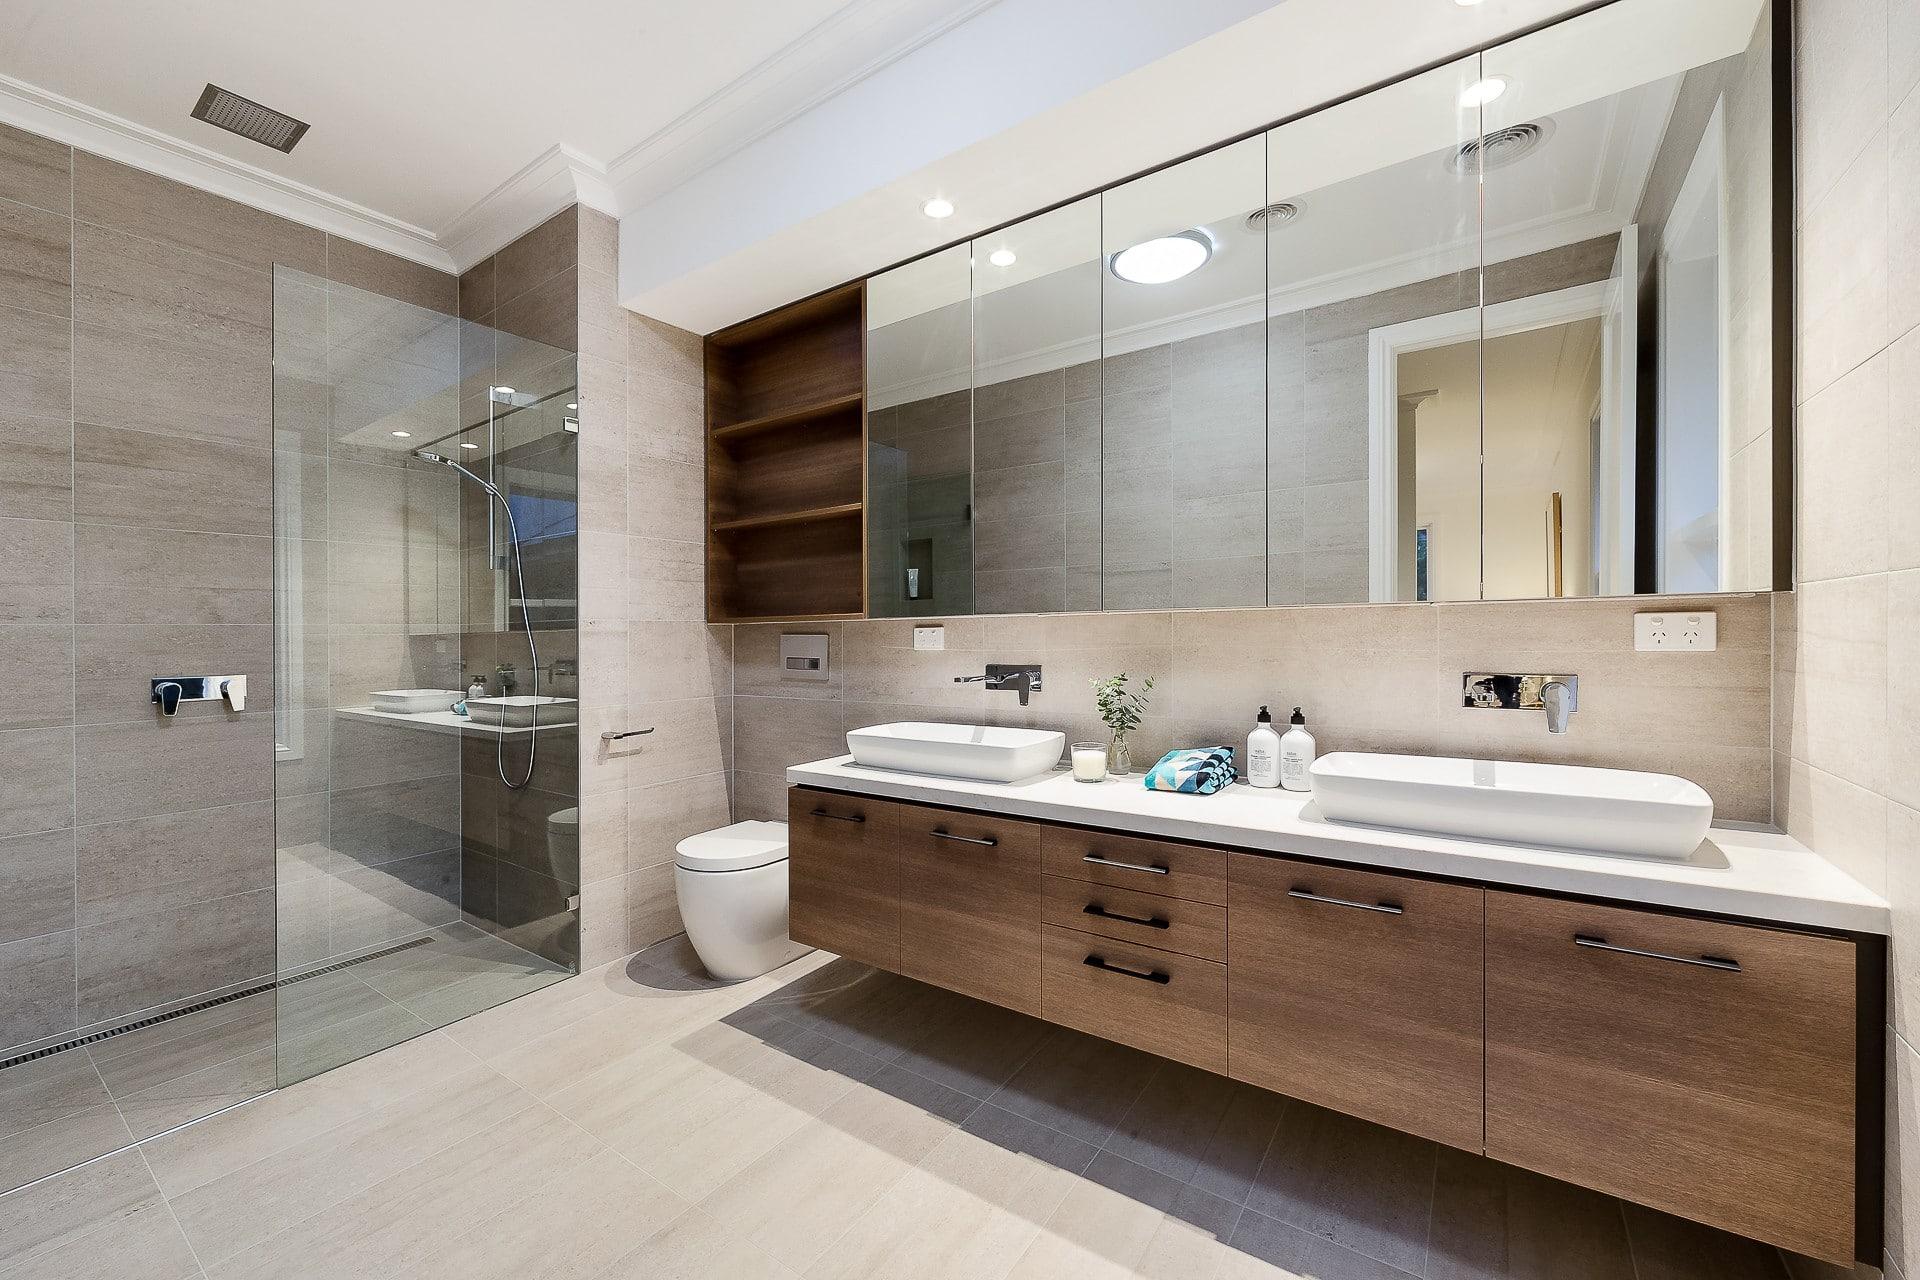 Ideas de decoración y almacenaje para tu cuarto de baño o aseo